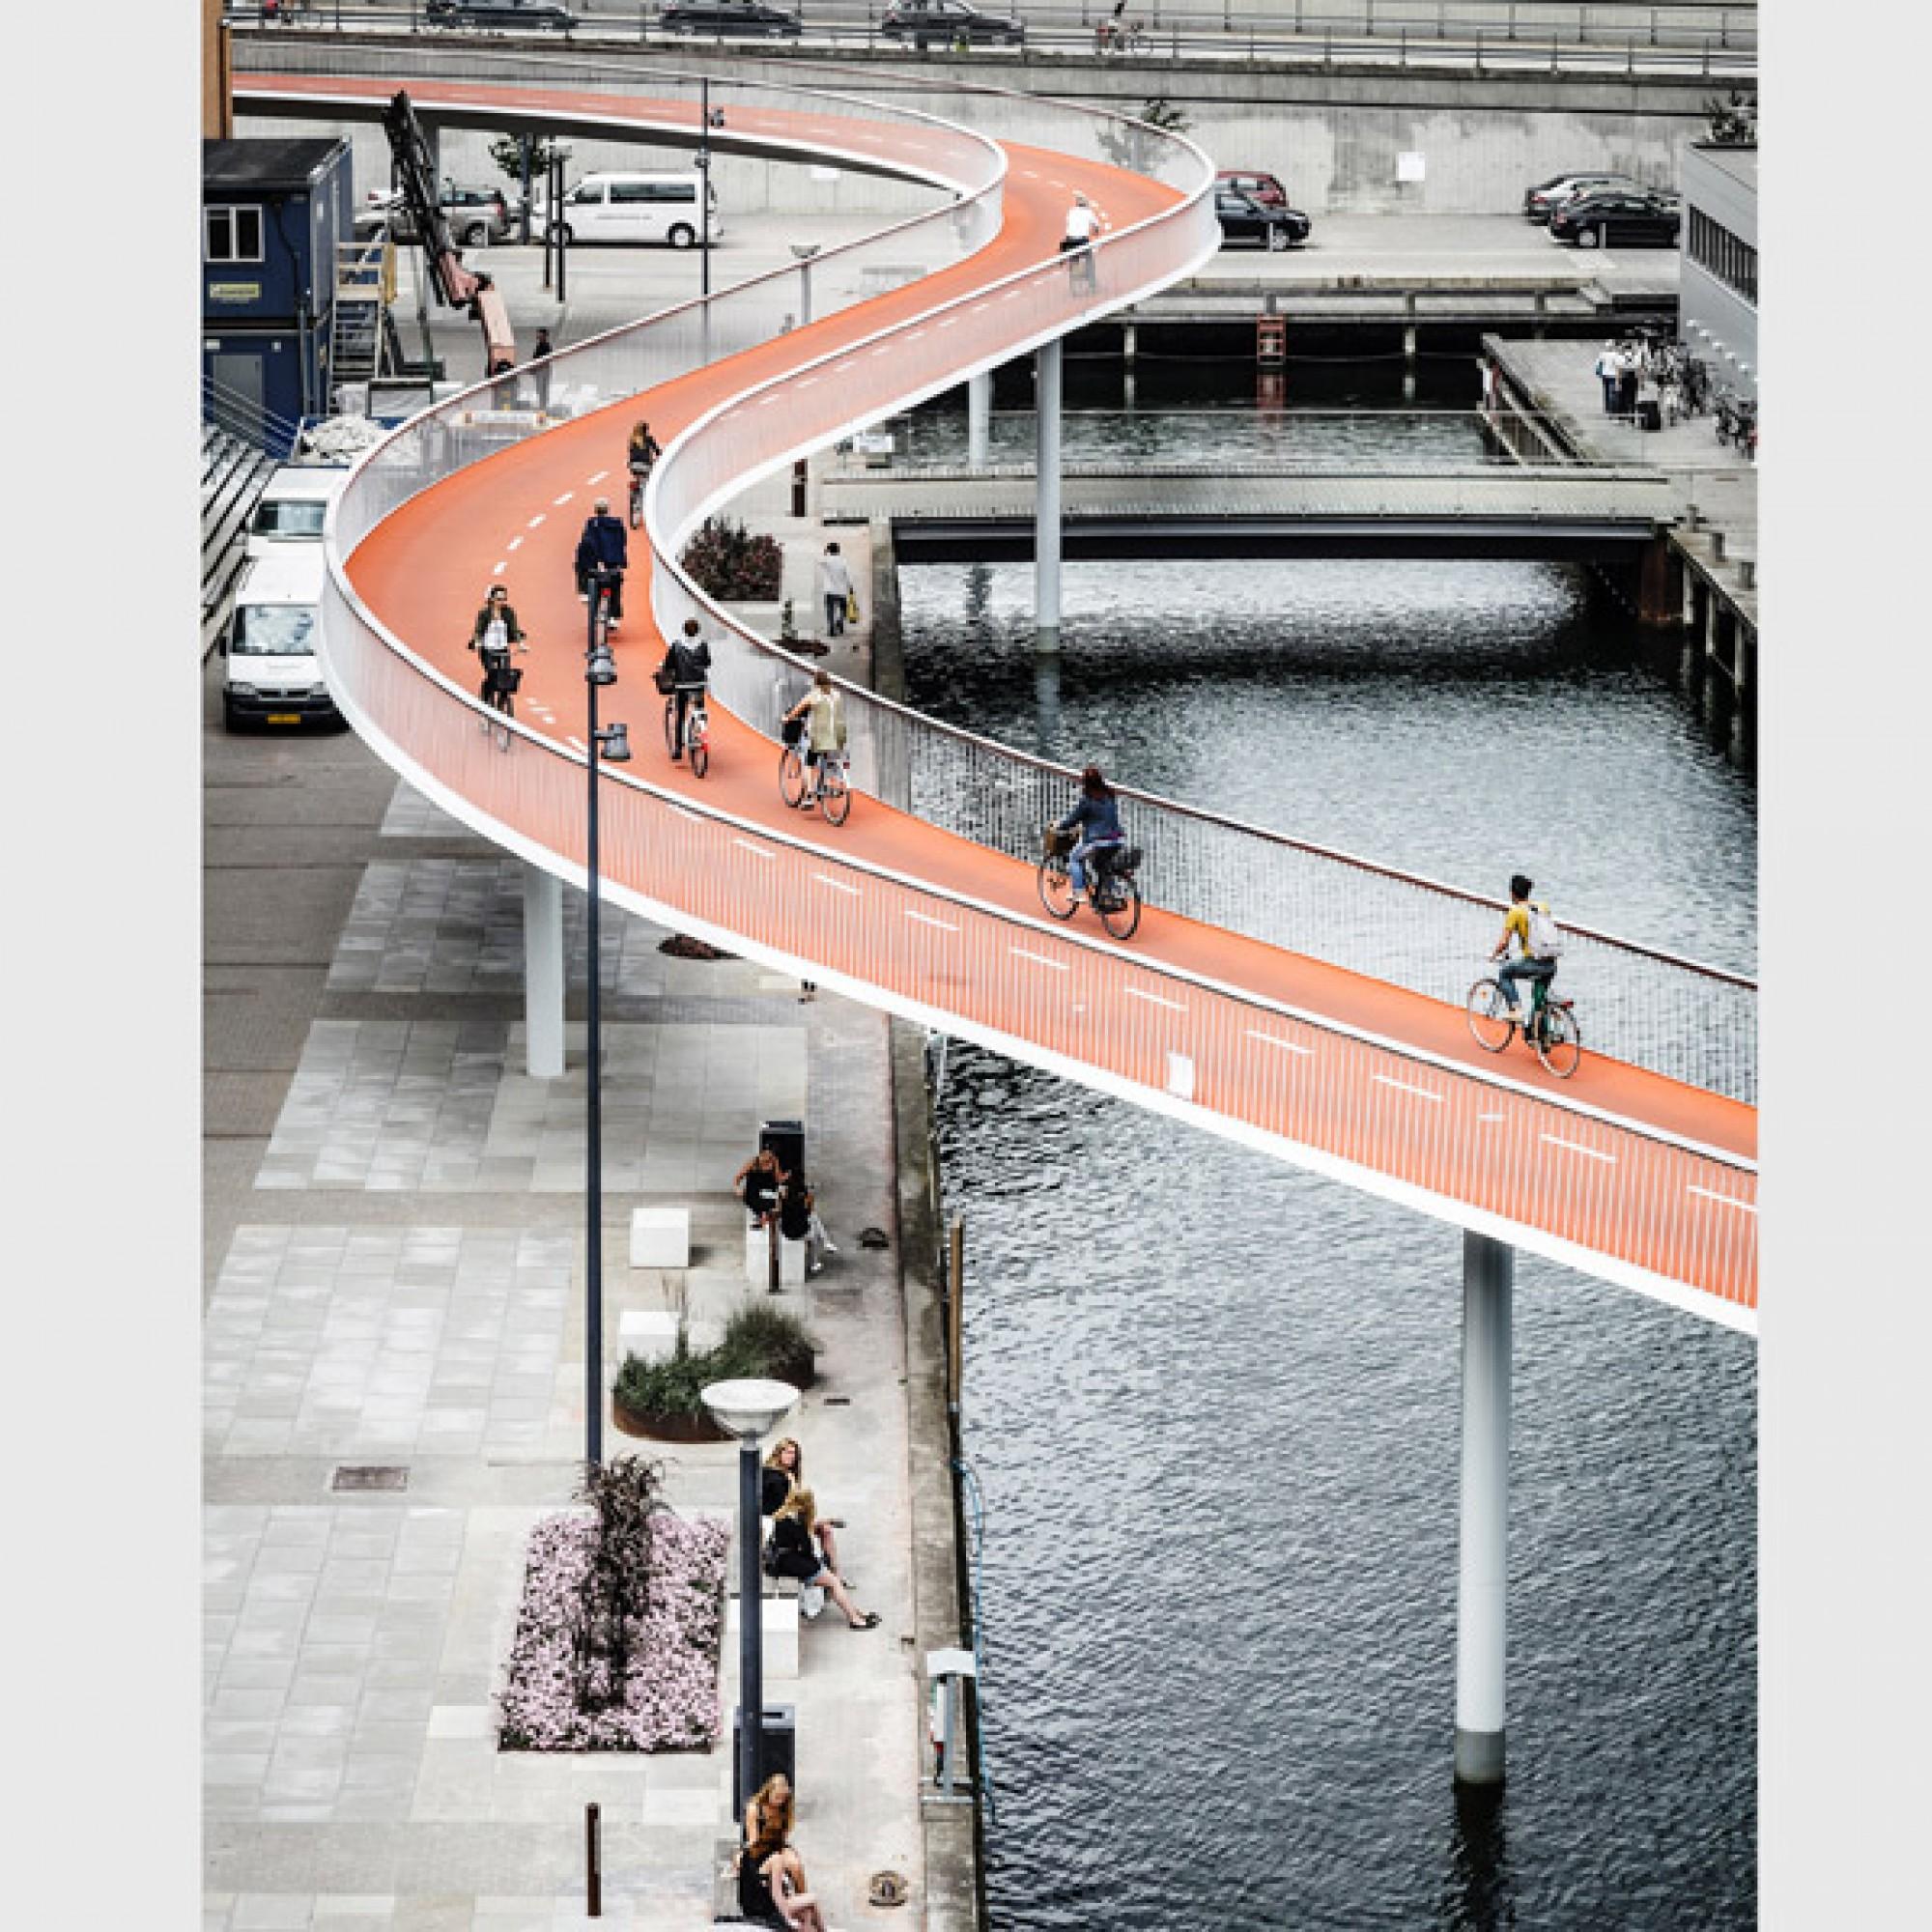 Cykelslangen in Kopenhagen, Design Dissing + Weitling Architecture.